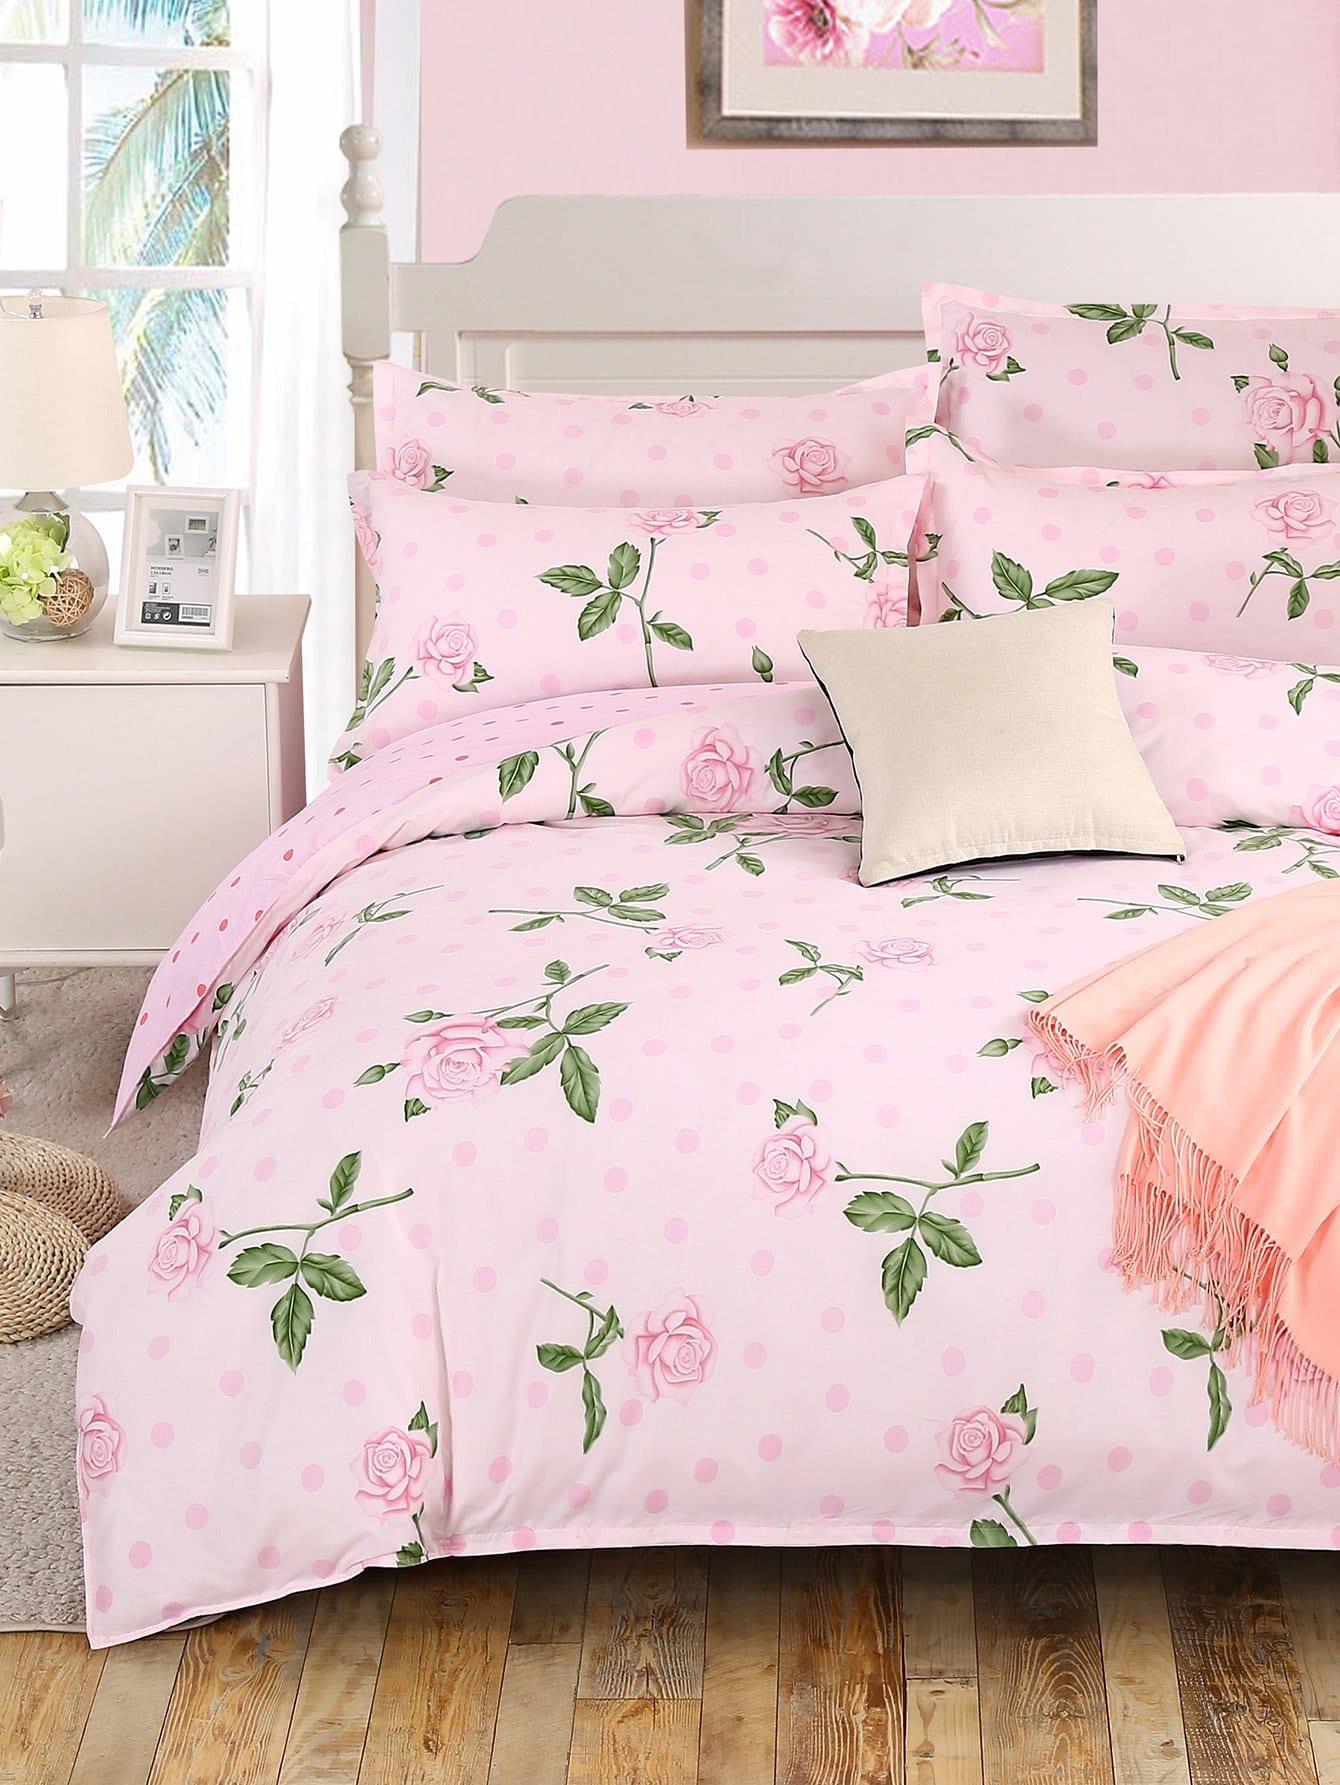 Купить Комплект для кровати с принтом розы, null, SheIn